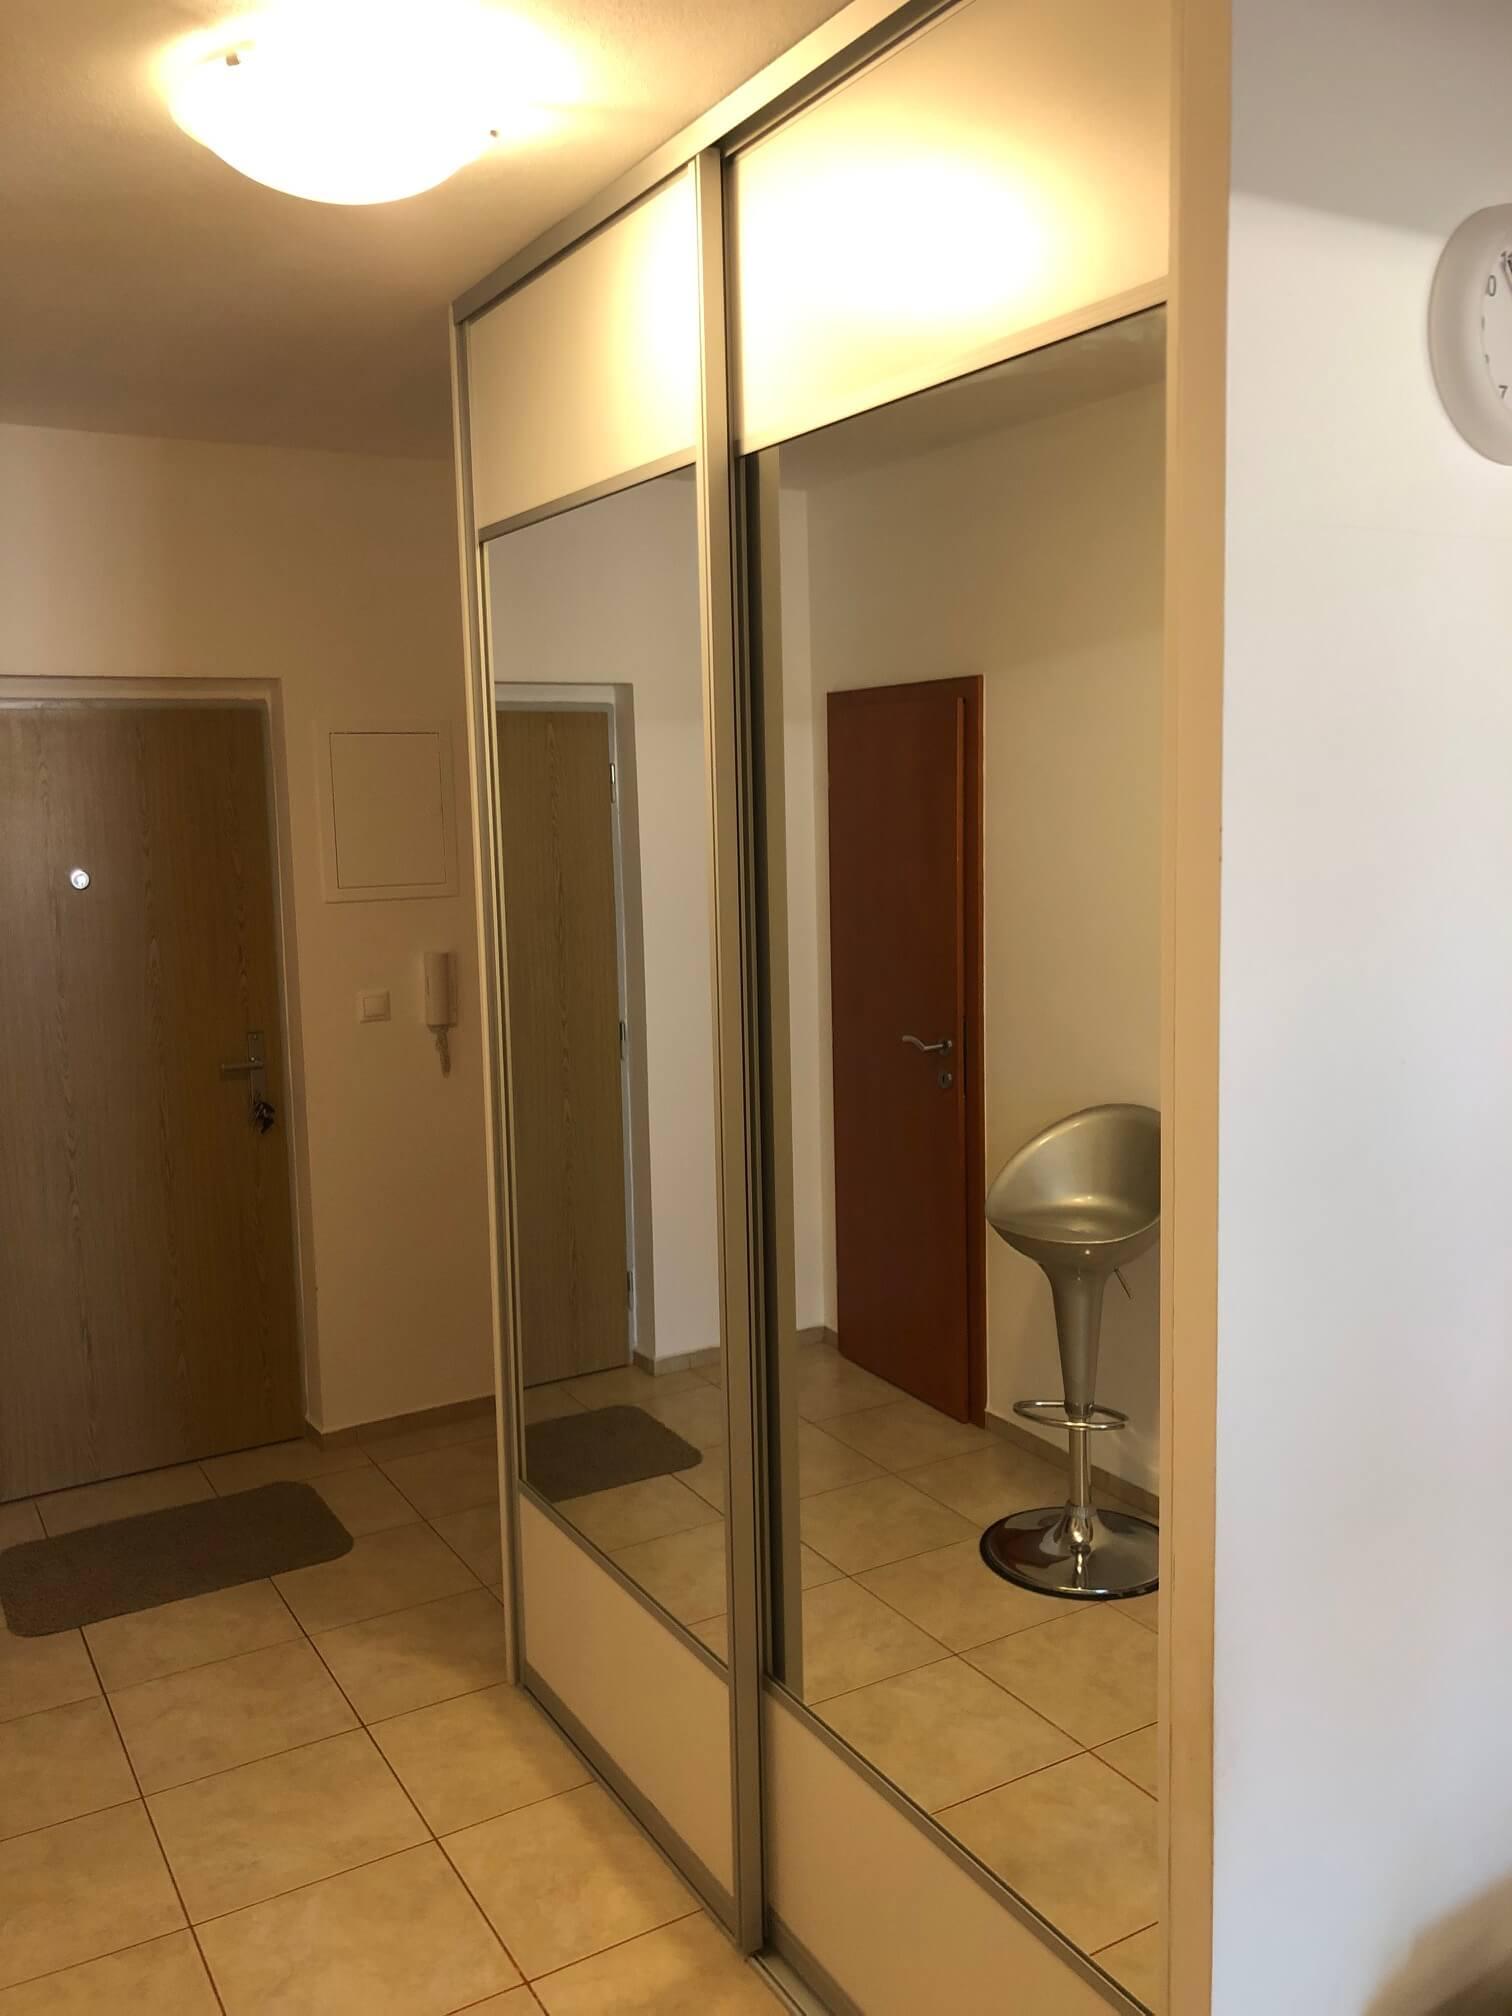 Predané: Exkluzívne na predaj 3 izb. byt, 72 m2, balkón 8 m2, parkovacie státie, Bratislava, Petržalka, Budatínska-51